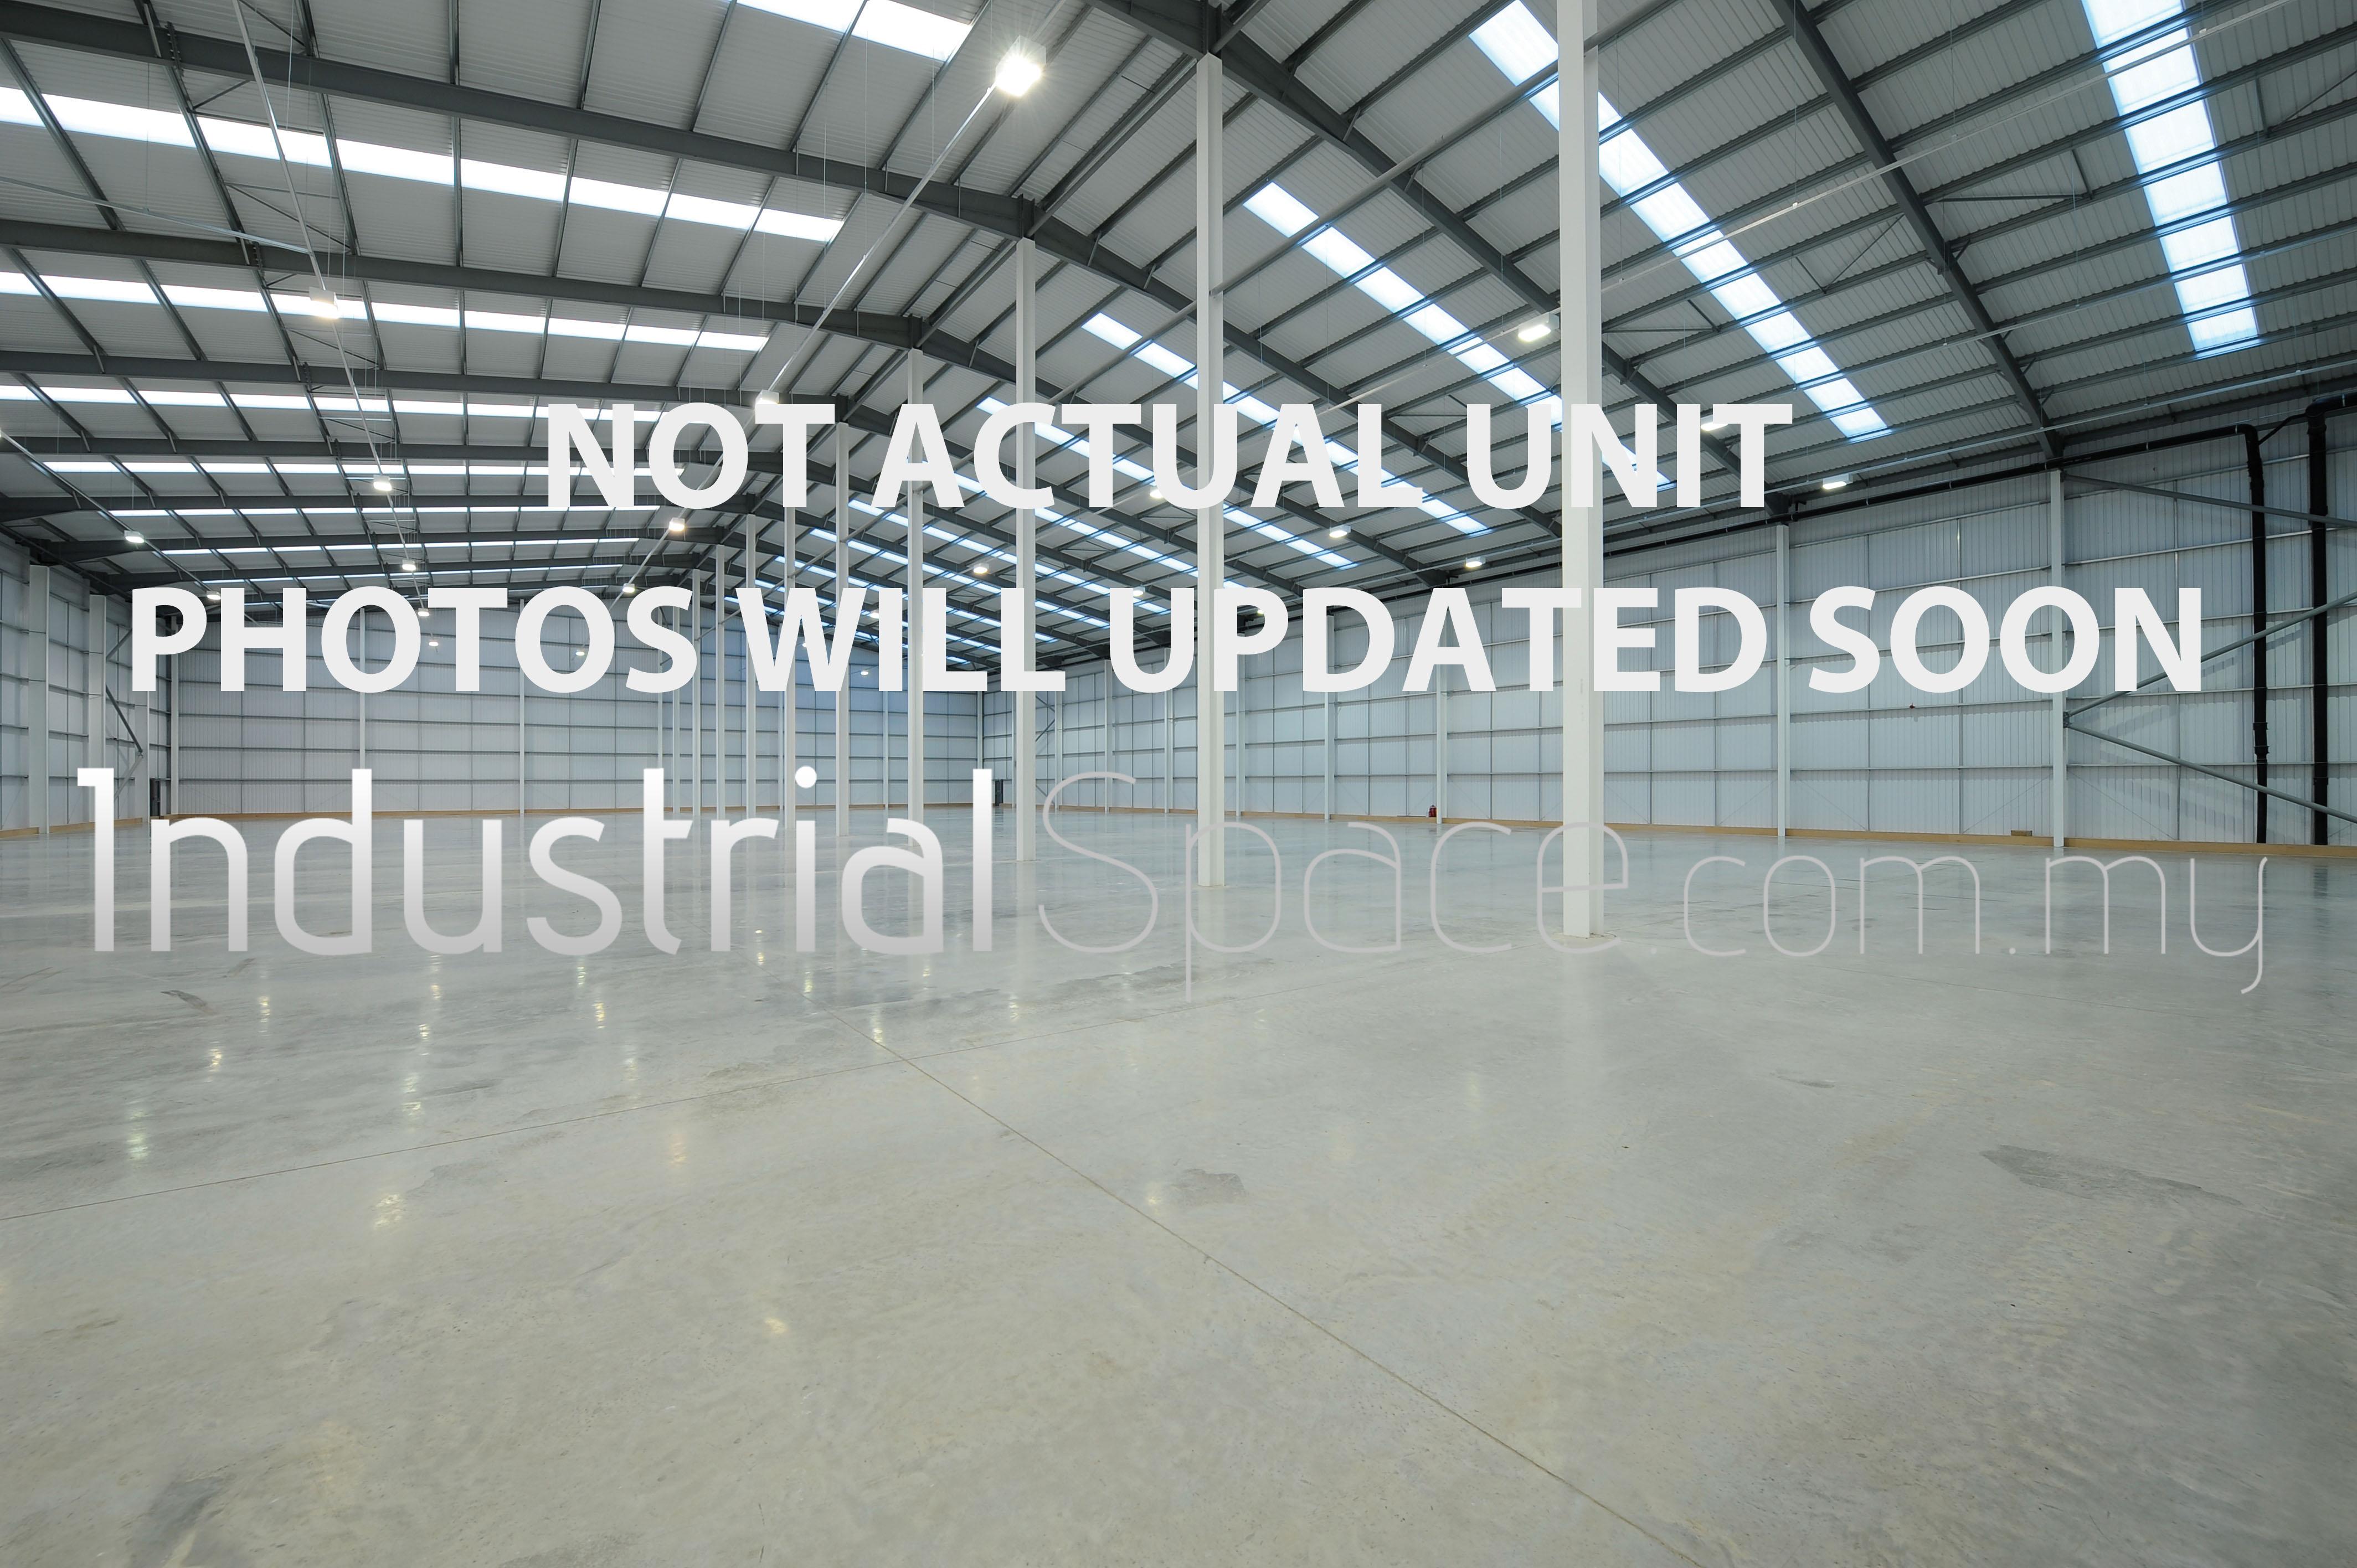 Not Actual Unit